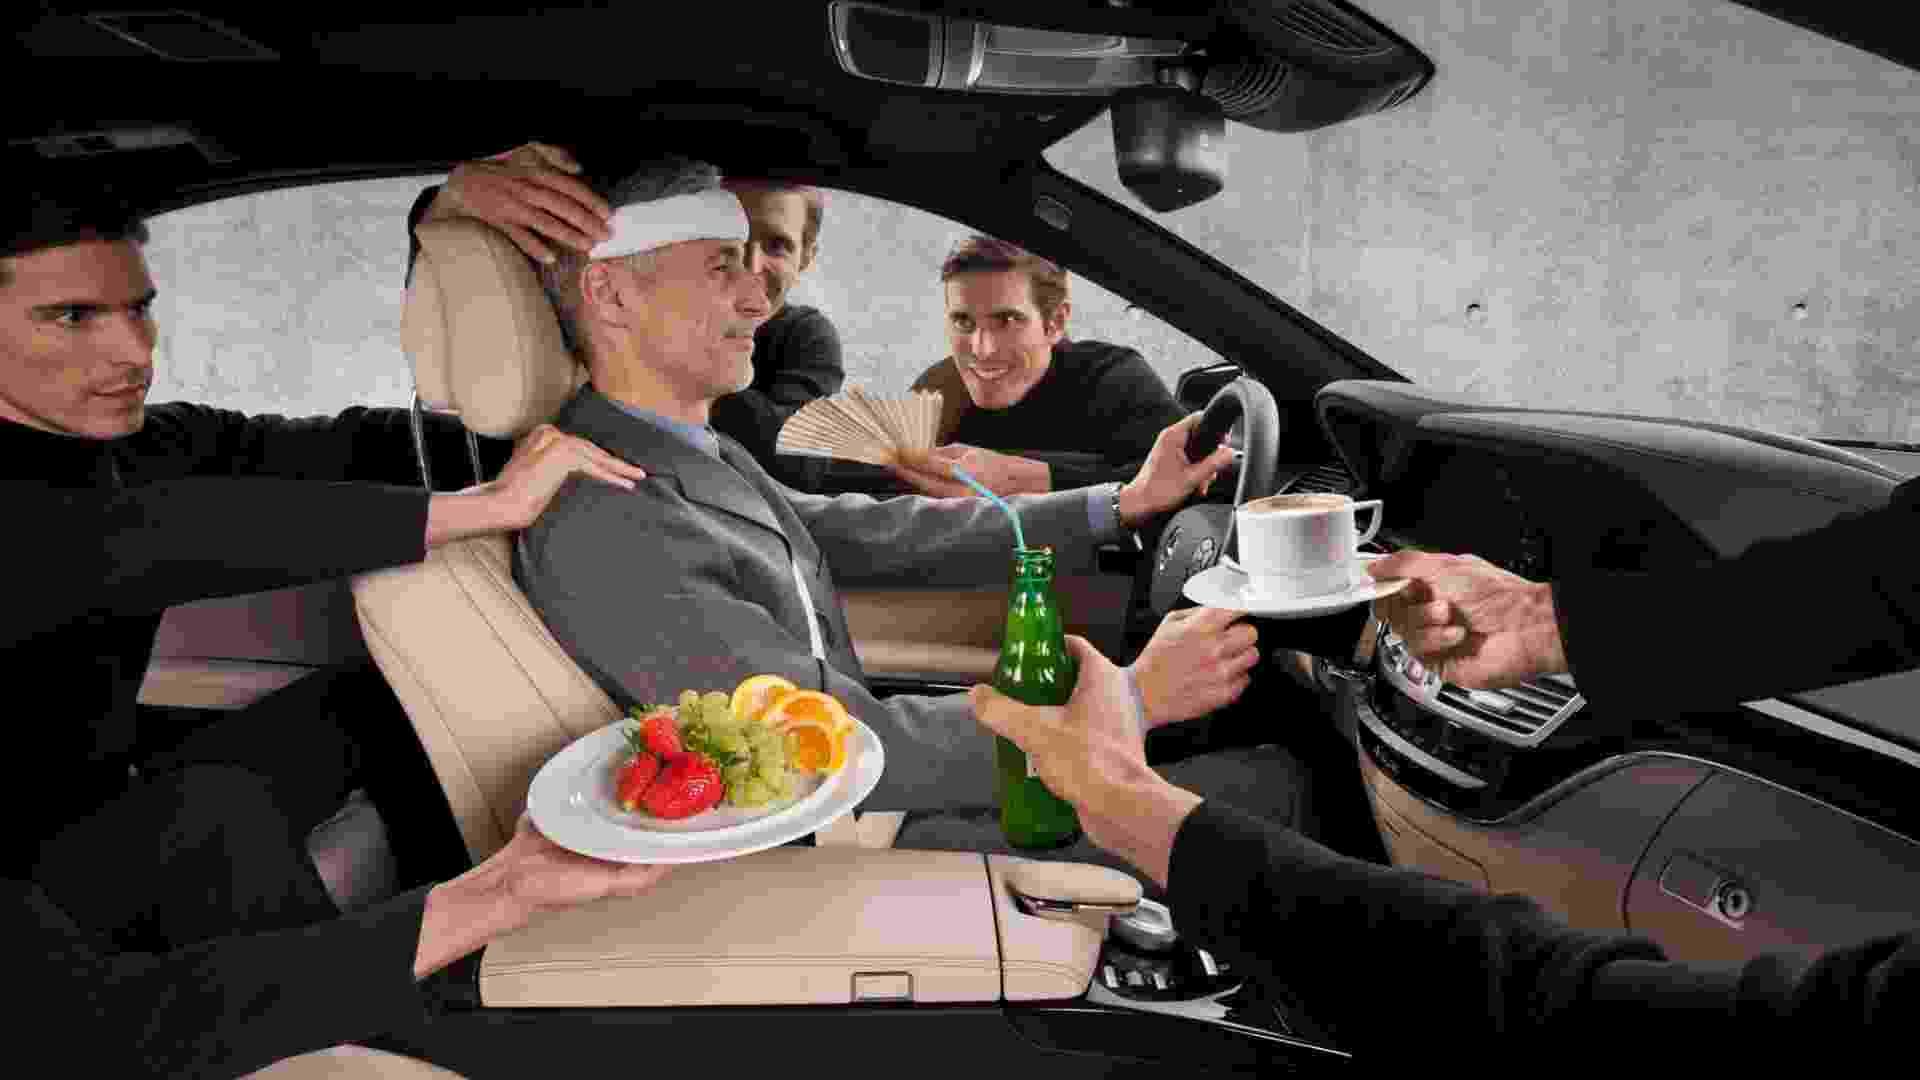 """Conceito de """"conforto ativo"""" cresce entre as marcas: motoristas relaxados reagem melhor em situações de risco - Divulgação"""